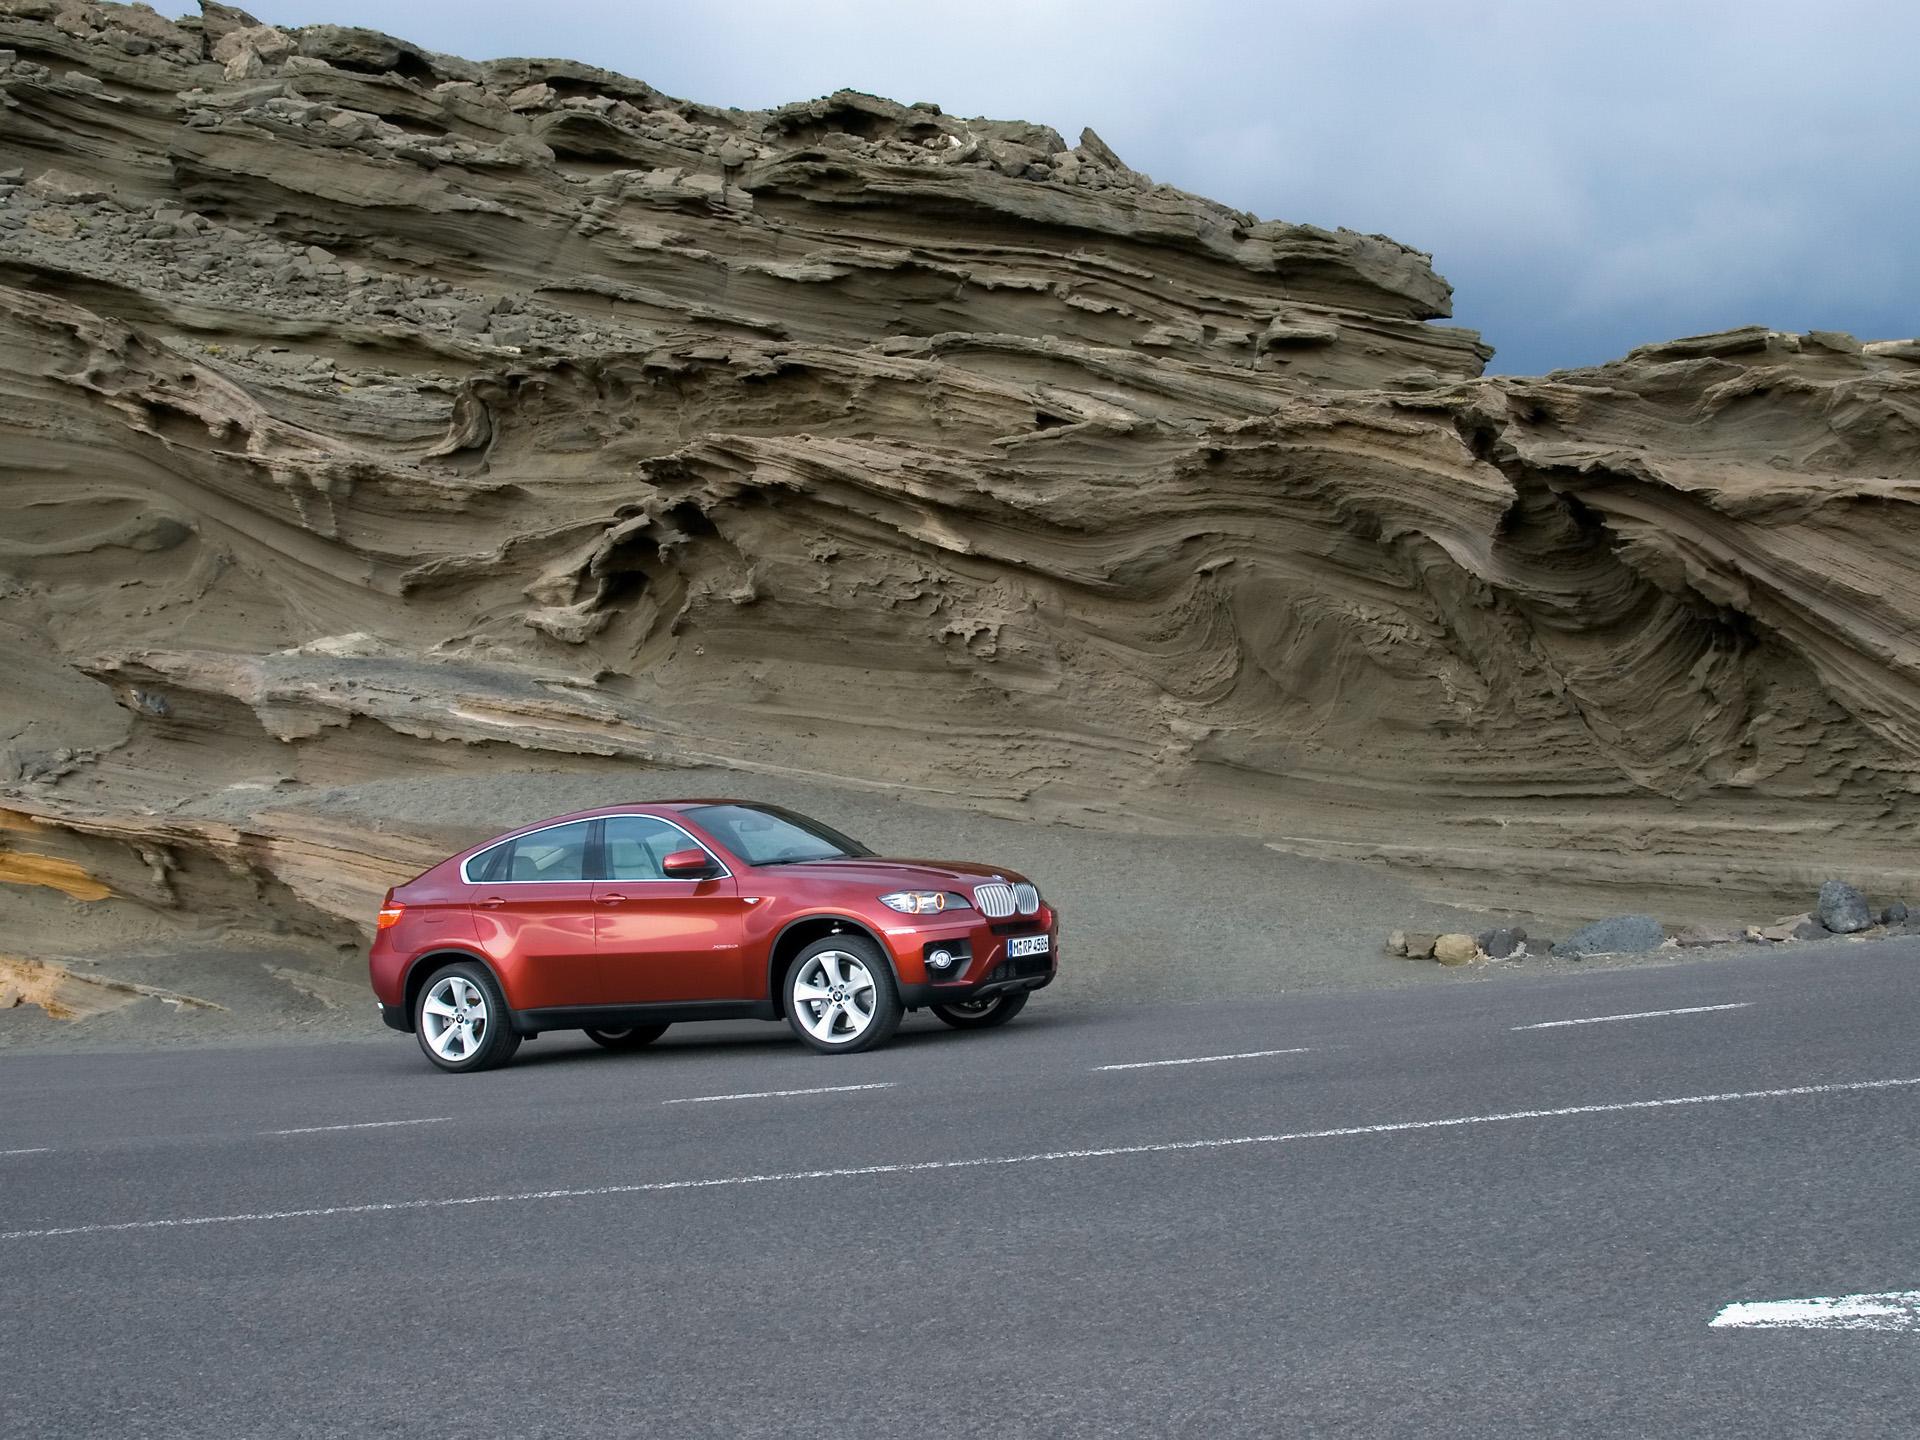 Vue de 3/4 avant de la BMX X6 xDrive50i.<br> La ligne de toit est typique d'un coupé, et donne de l'élégance à cette BMX X6 xDrive50i qui apparaît sportive et musculeuse. La forme étirée des surfaces vitrées latérales participe à la fluidité de la silhouette, inédite sur un SUV, justifiant le terme de Sports Activity Coupe pour qualifier cette BMX X6 xDrive50i.